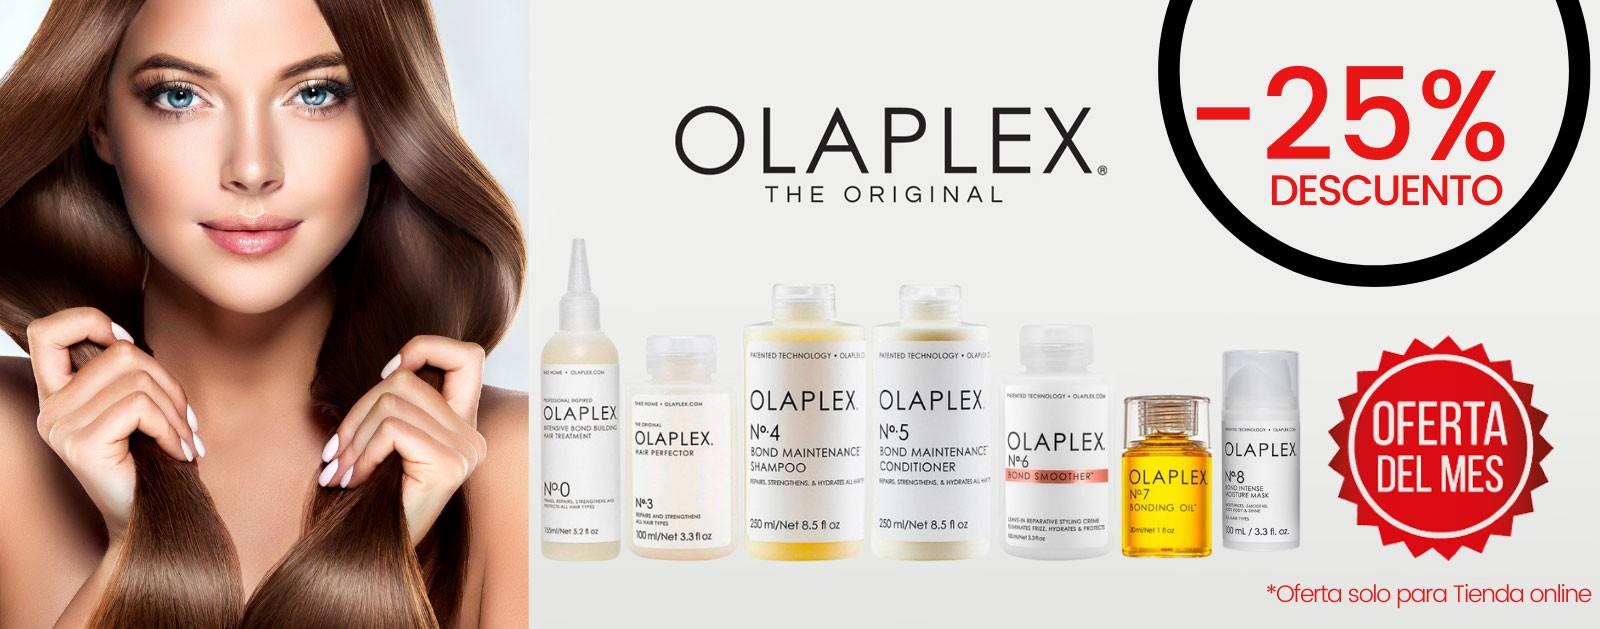 Oferta exclusiva online Olaplex